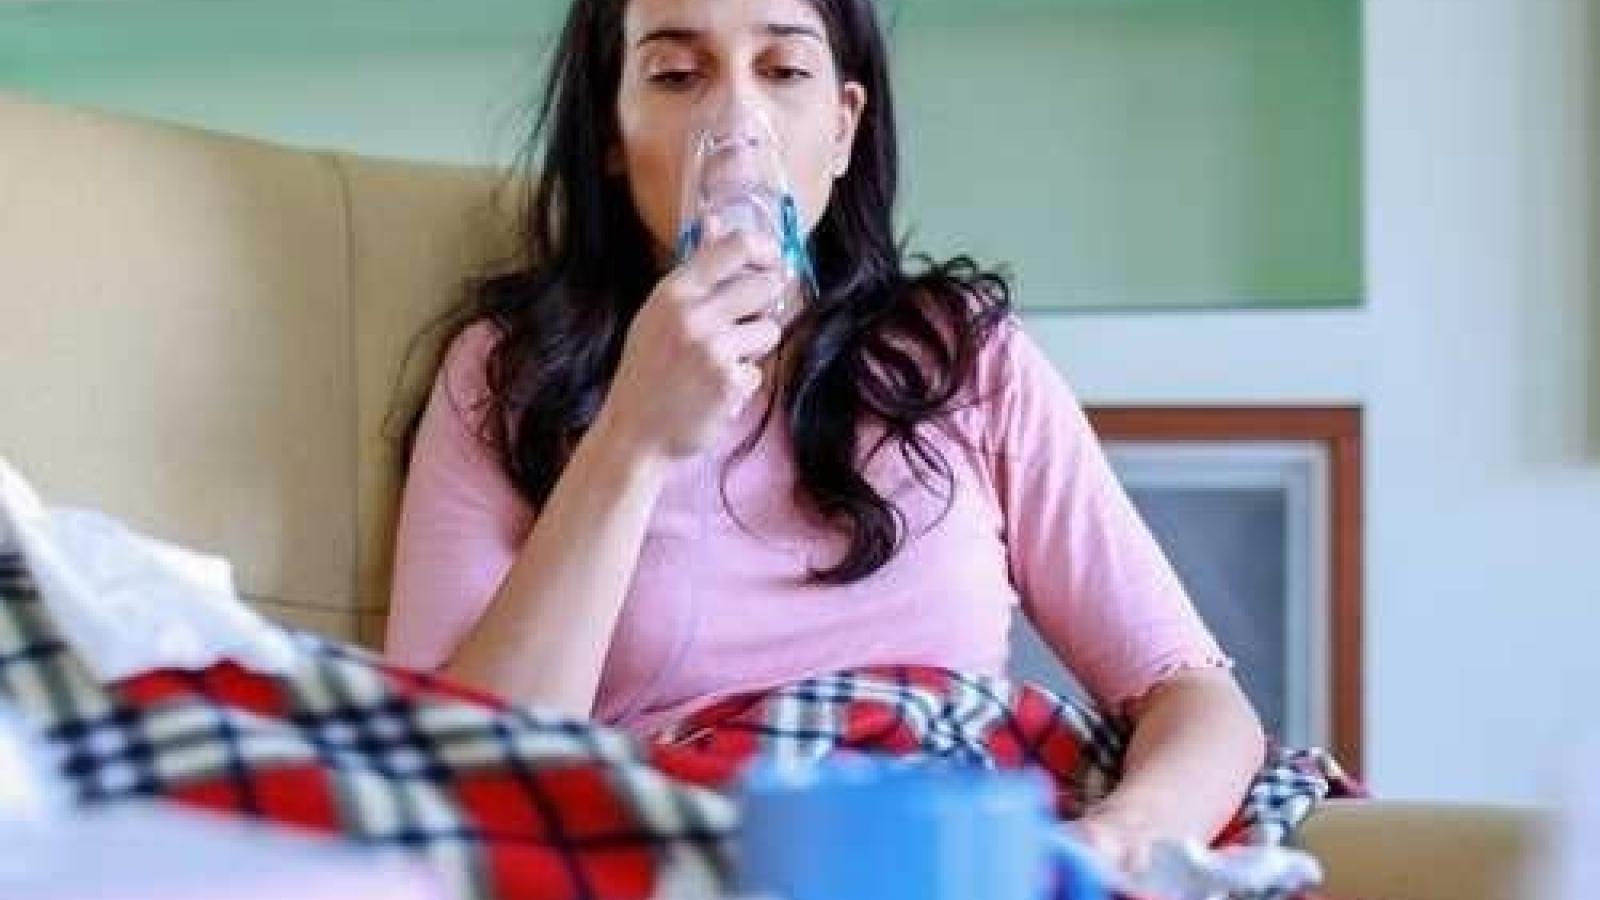 Làm gì để đối phó với các triệu chứng dai dẳng của COVID-19?